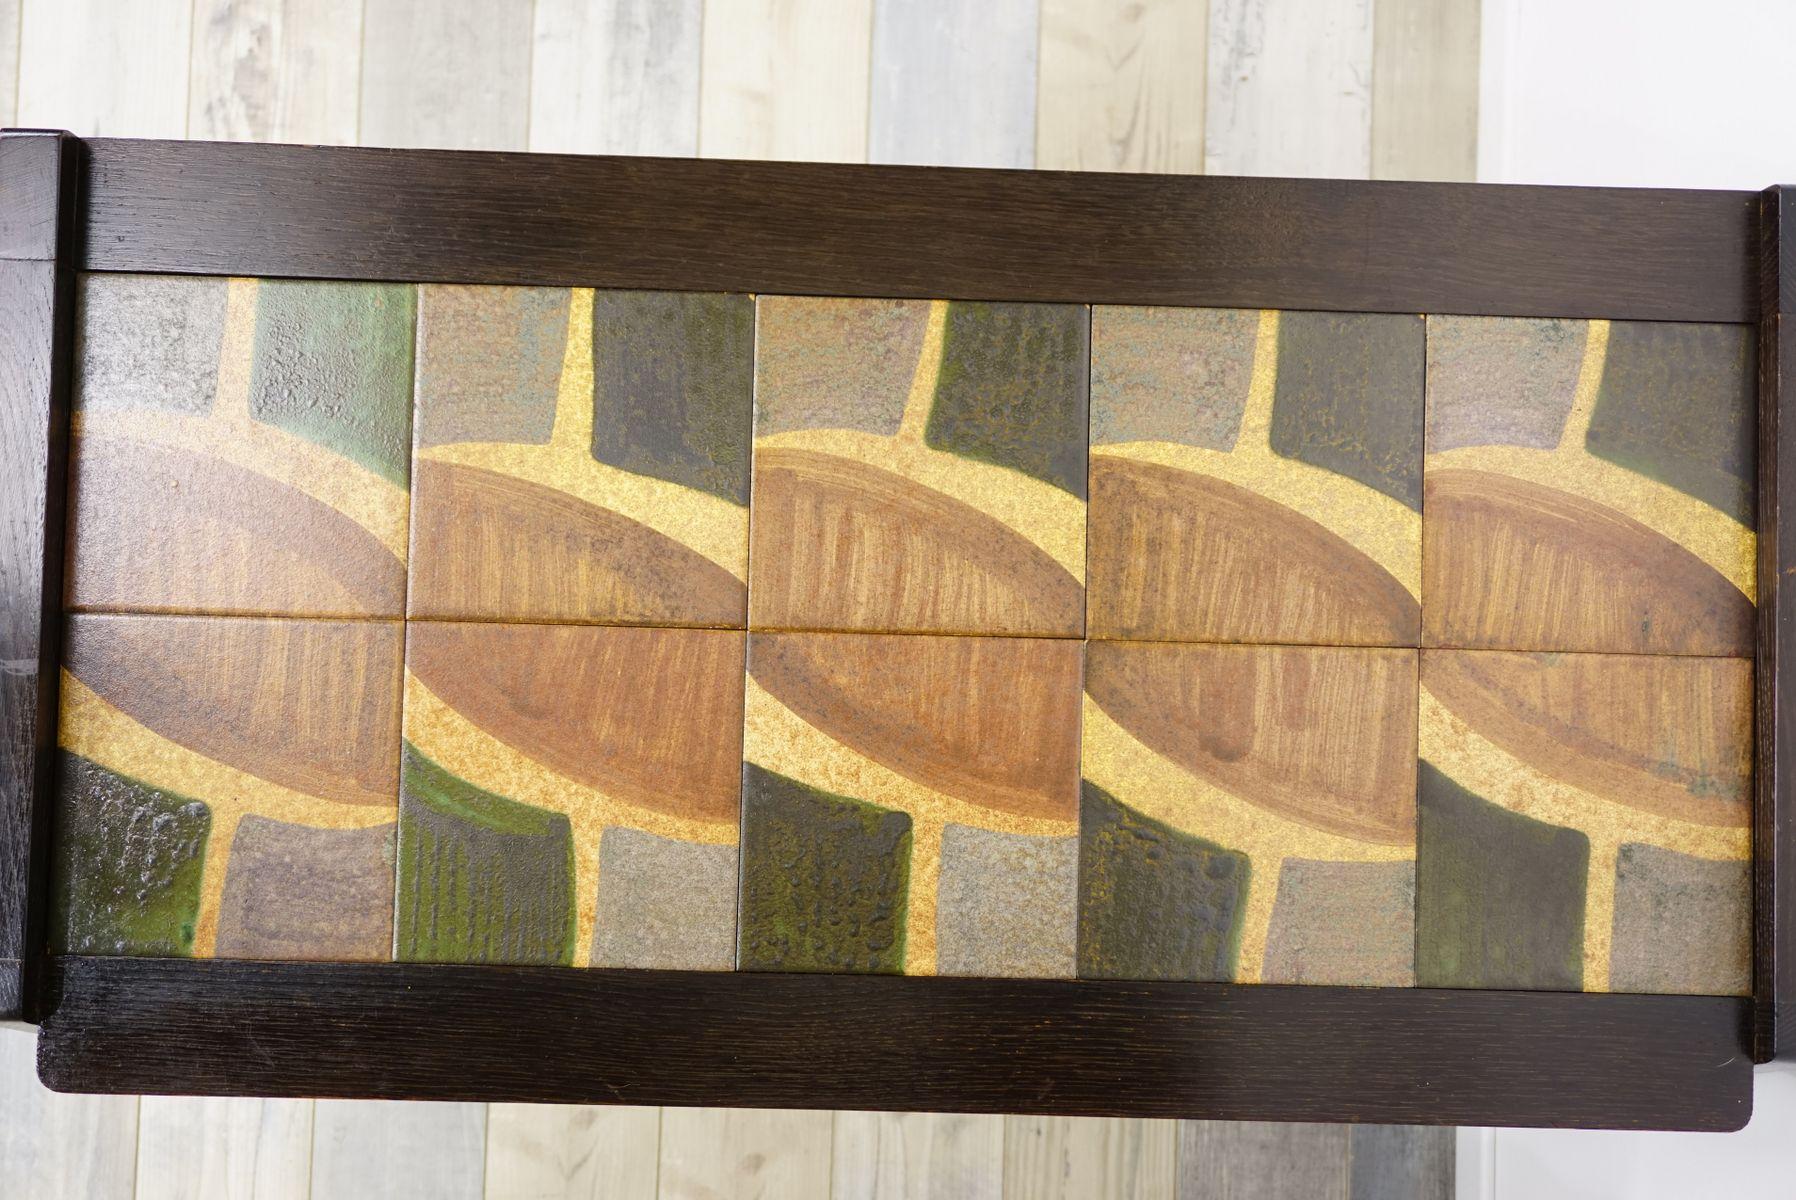 eichenholz beistelltisch von guillerme et chambron f r votre maison 1950er bei pamono kaufen. Black Bedroom Furniture Sets. Home Design Ideas